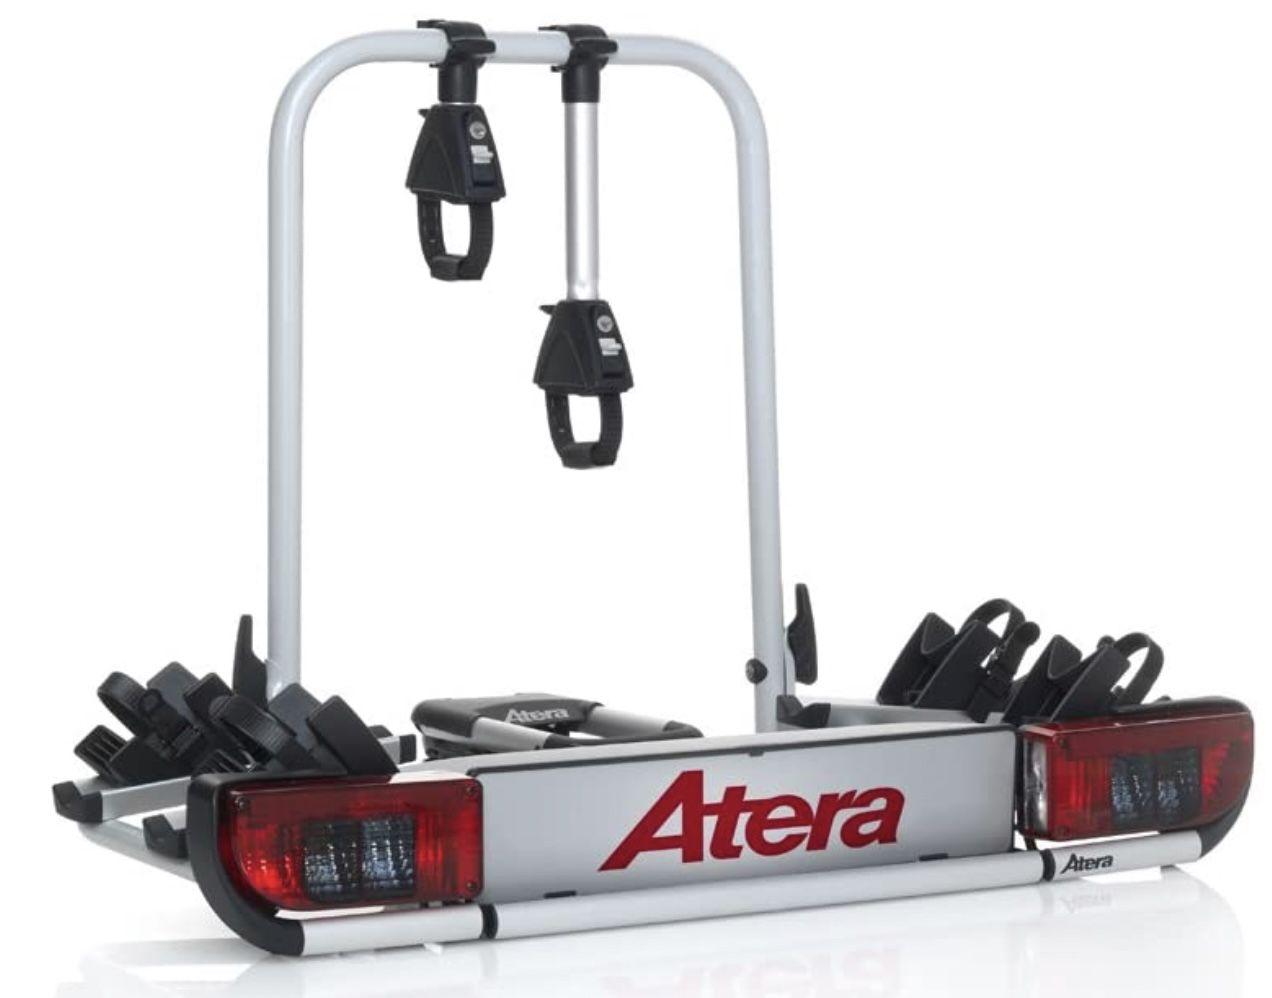 Atera 022684 Strada Sport M2 Fahrradträger für 275,99€(statt 345€)